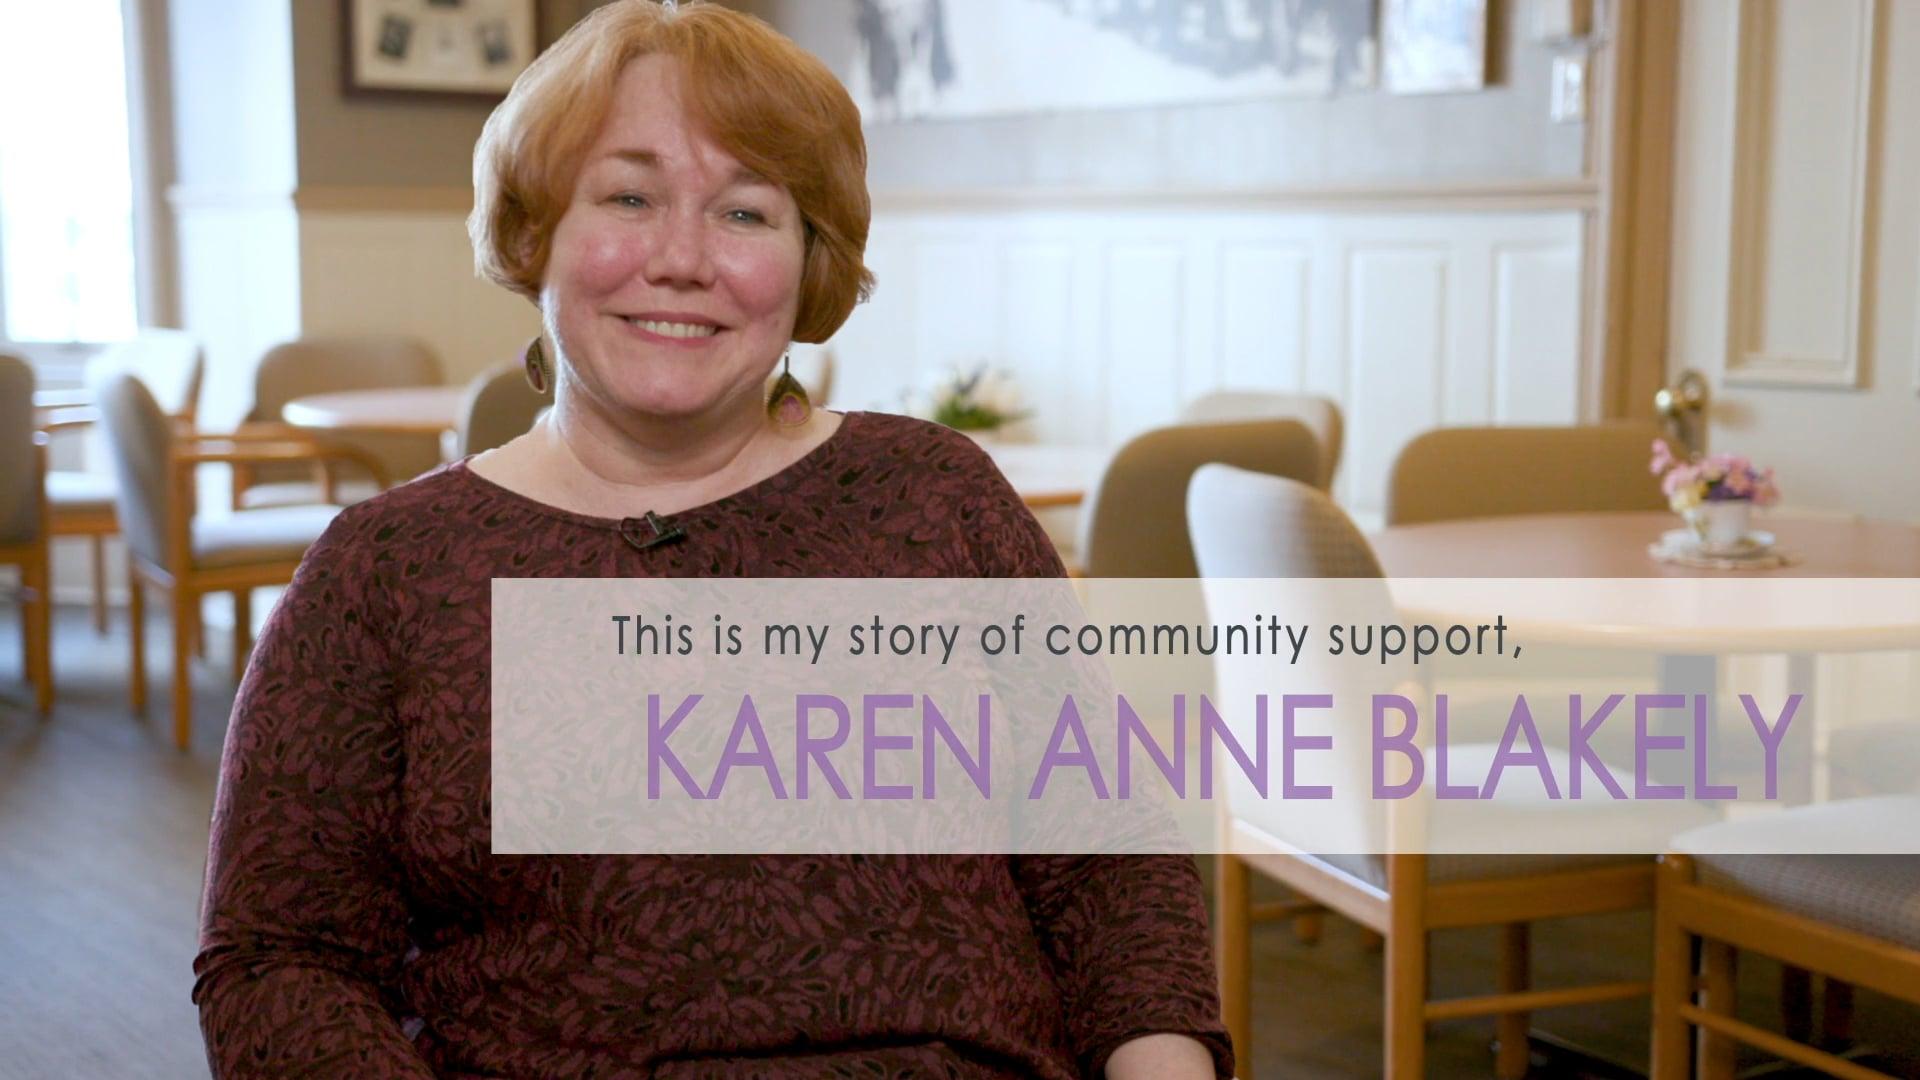 Karen Anne's Story